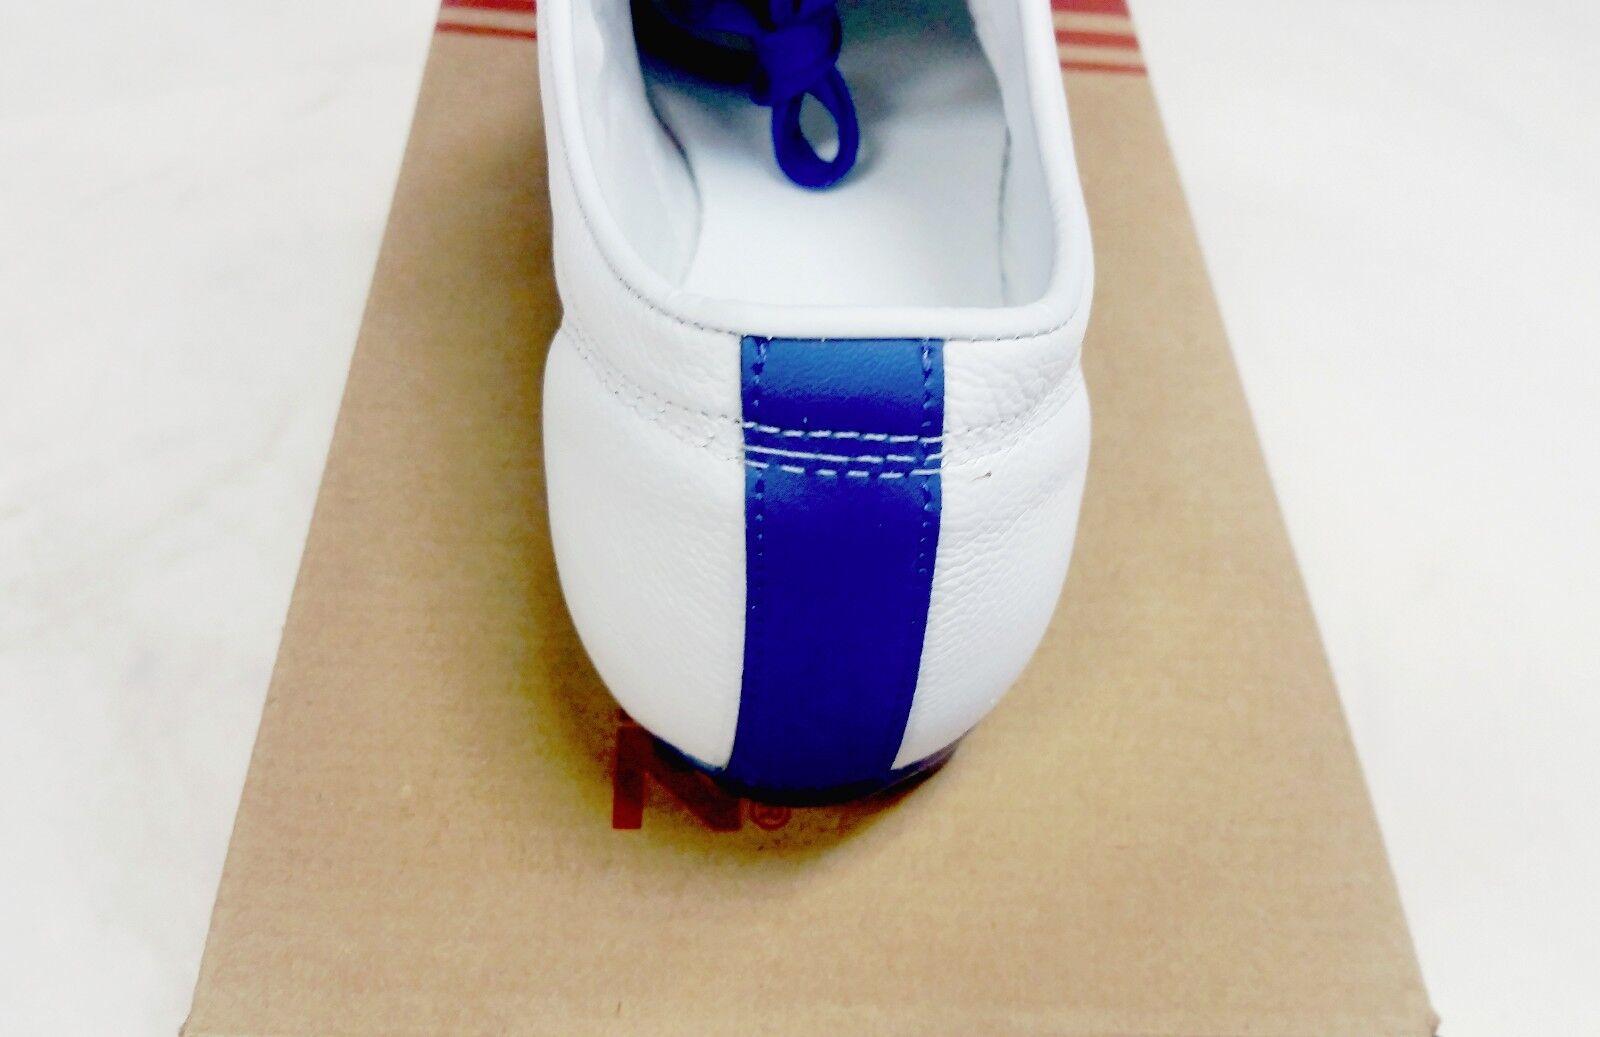 Soccer Leder Cleats Original Authentic Manriquez Made in Mexico Mexico Mexico Liga MX b3ec6e